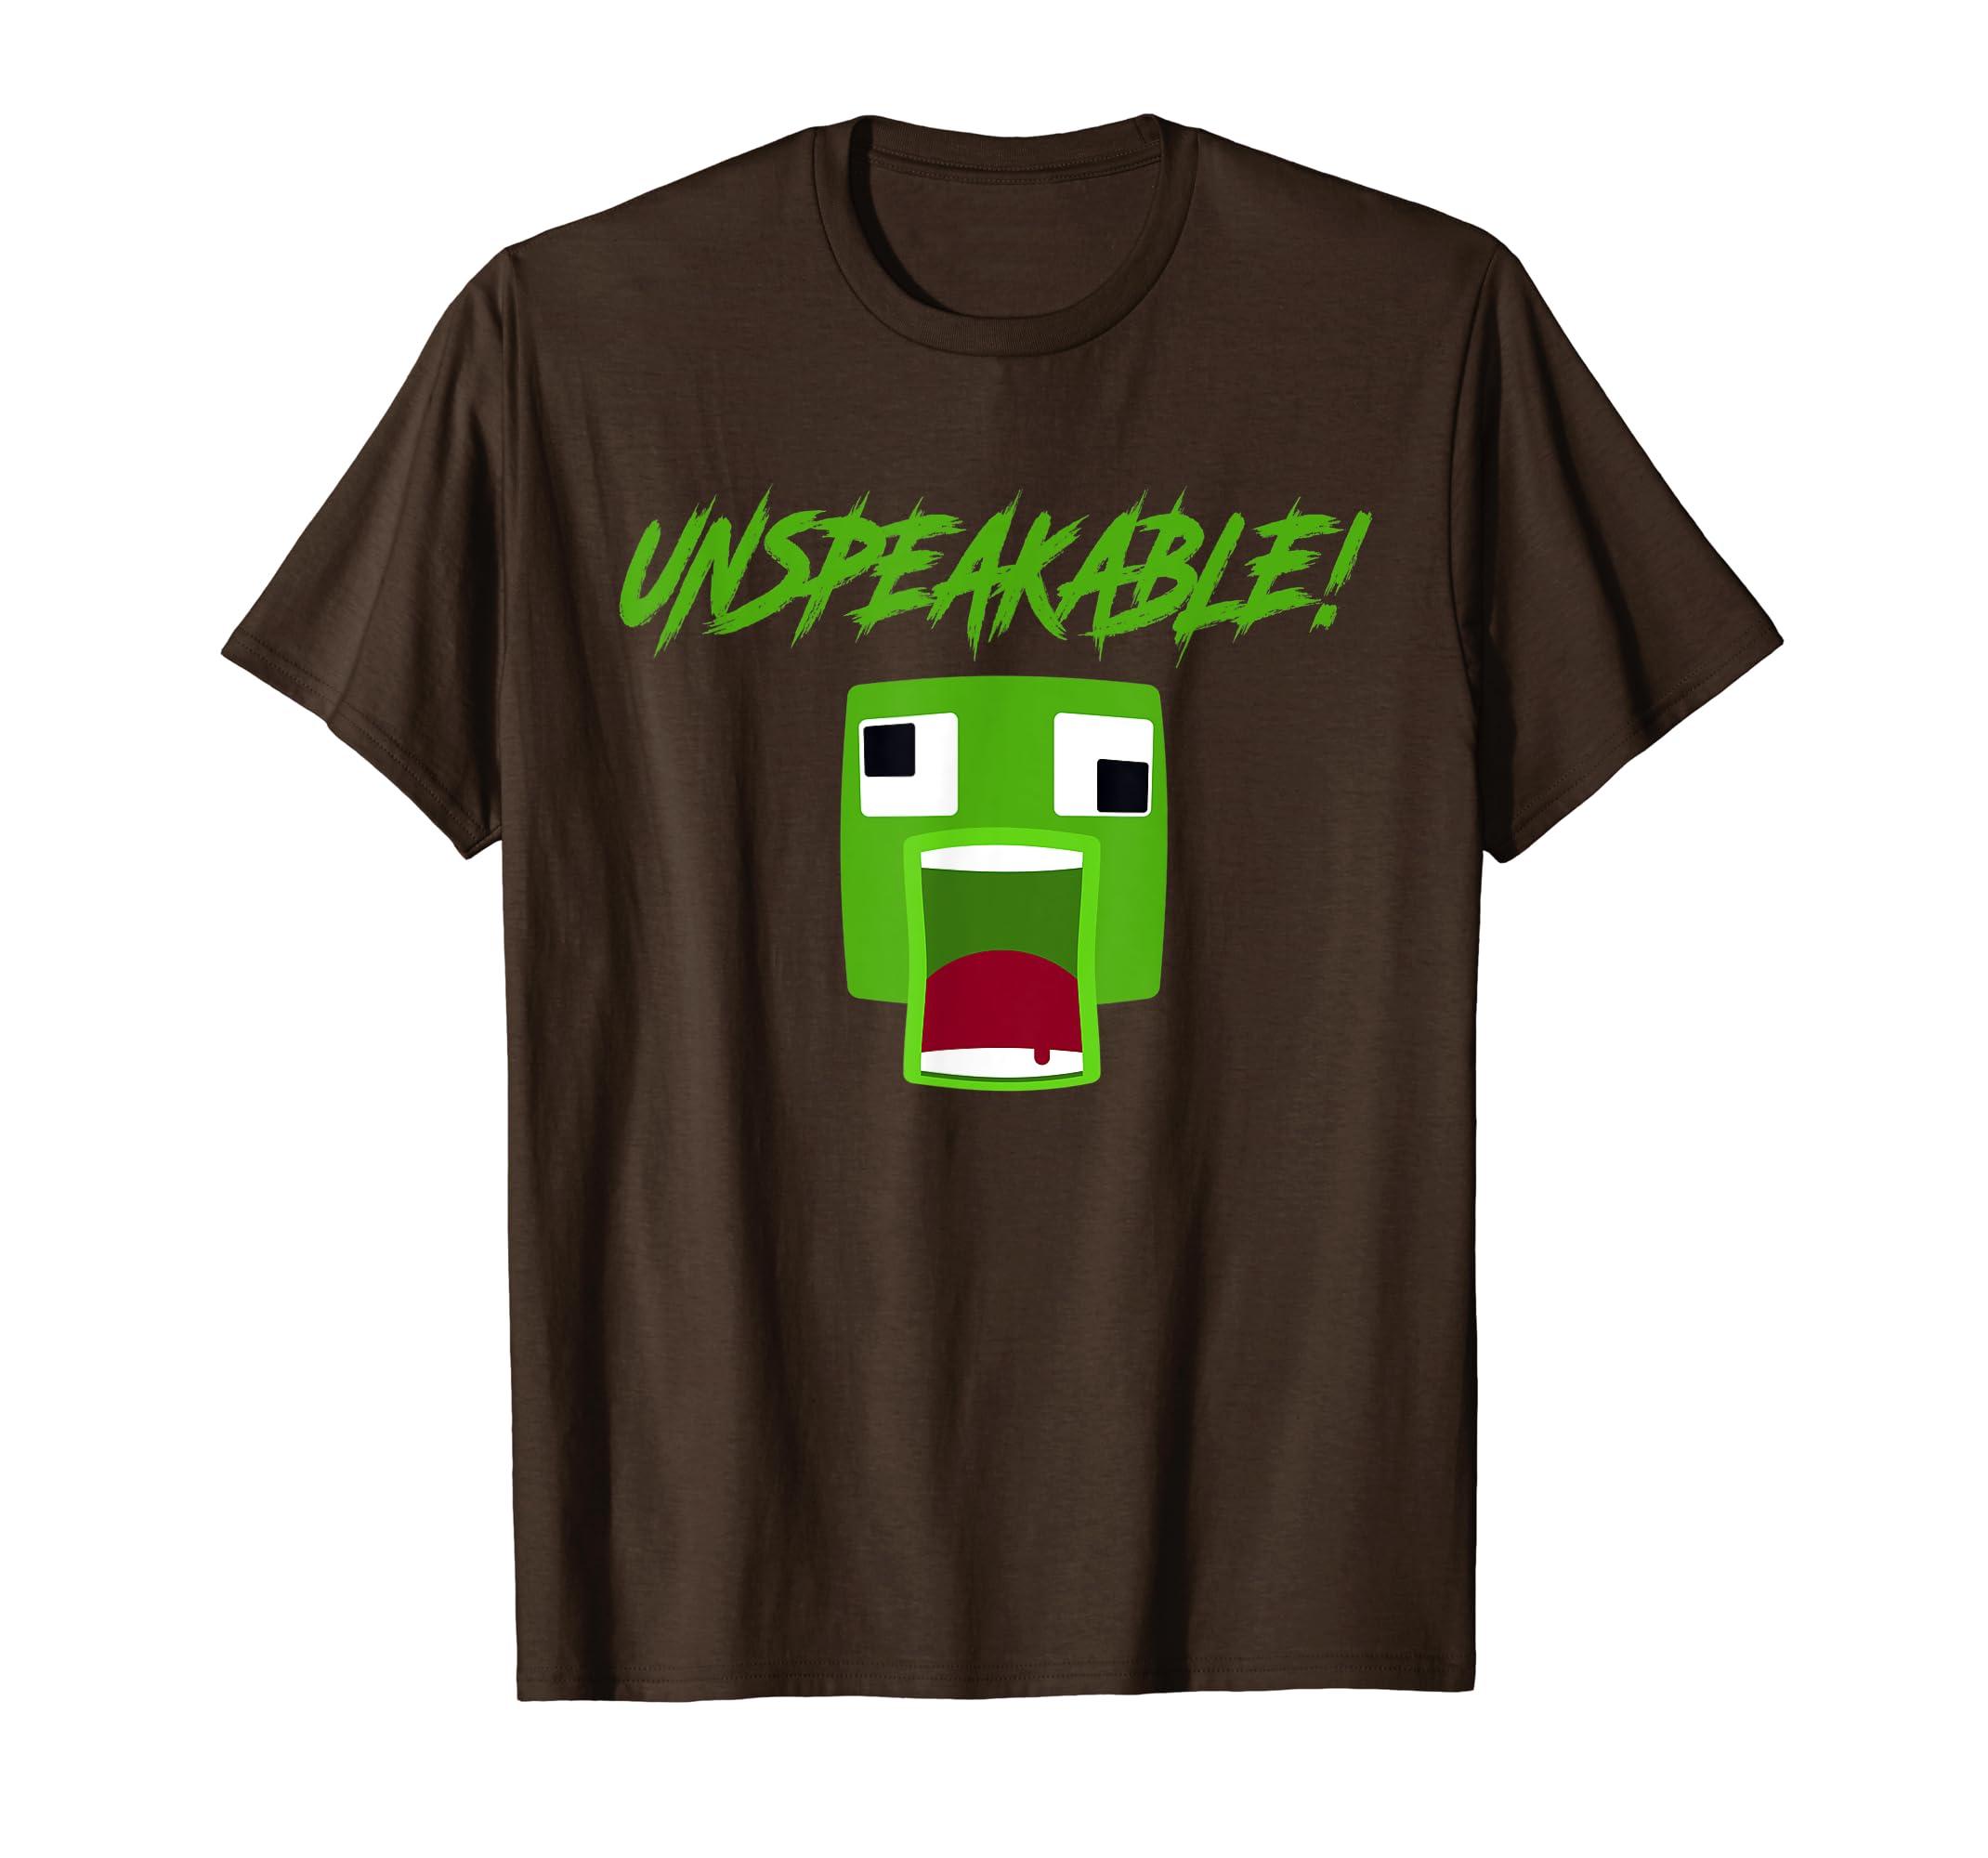 Fan Unspeakable! T-Shirt